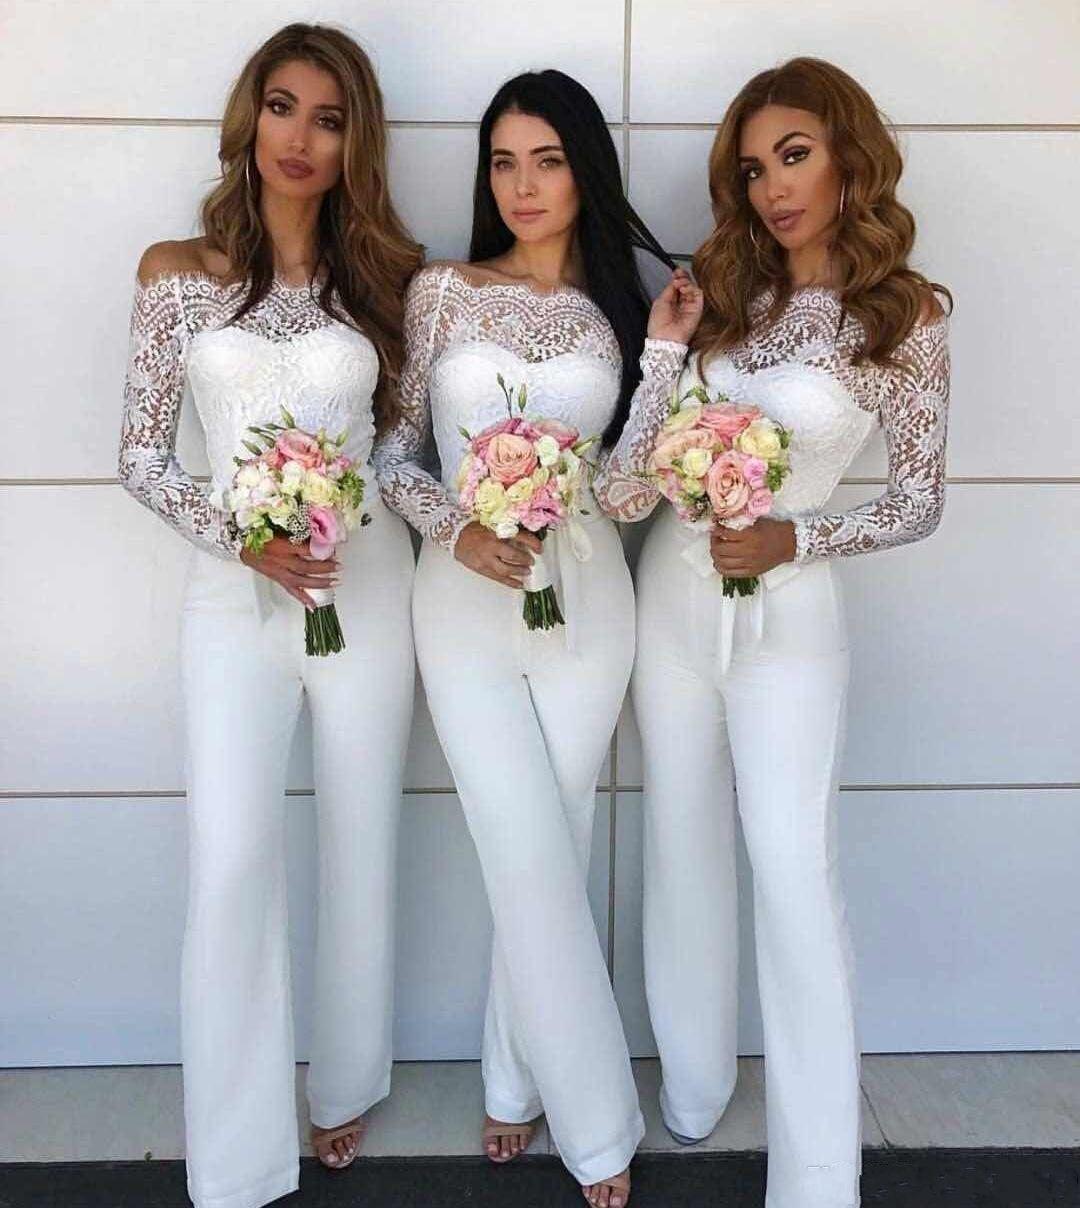 77c908ea189 2018 Off Shoulder Lace Jumpsuit Bridesmaid Dresses For Wedding Sheath  Backless Wedding Guest Pants Gowns Plus Size Pant Suit Beach Affordable  Bridesmaids ...